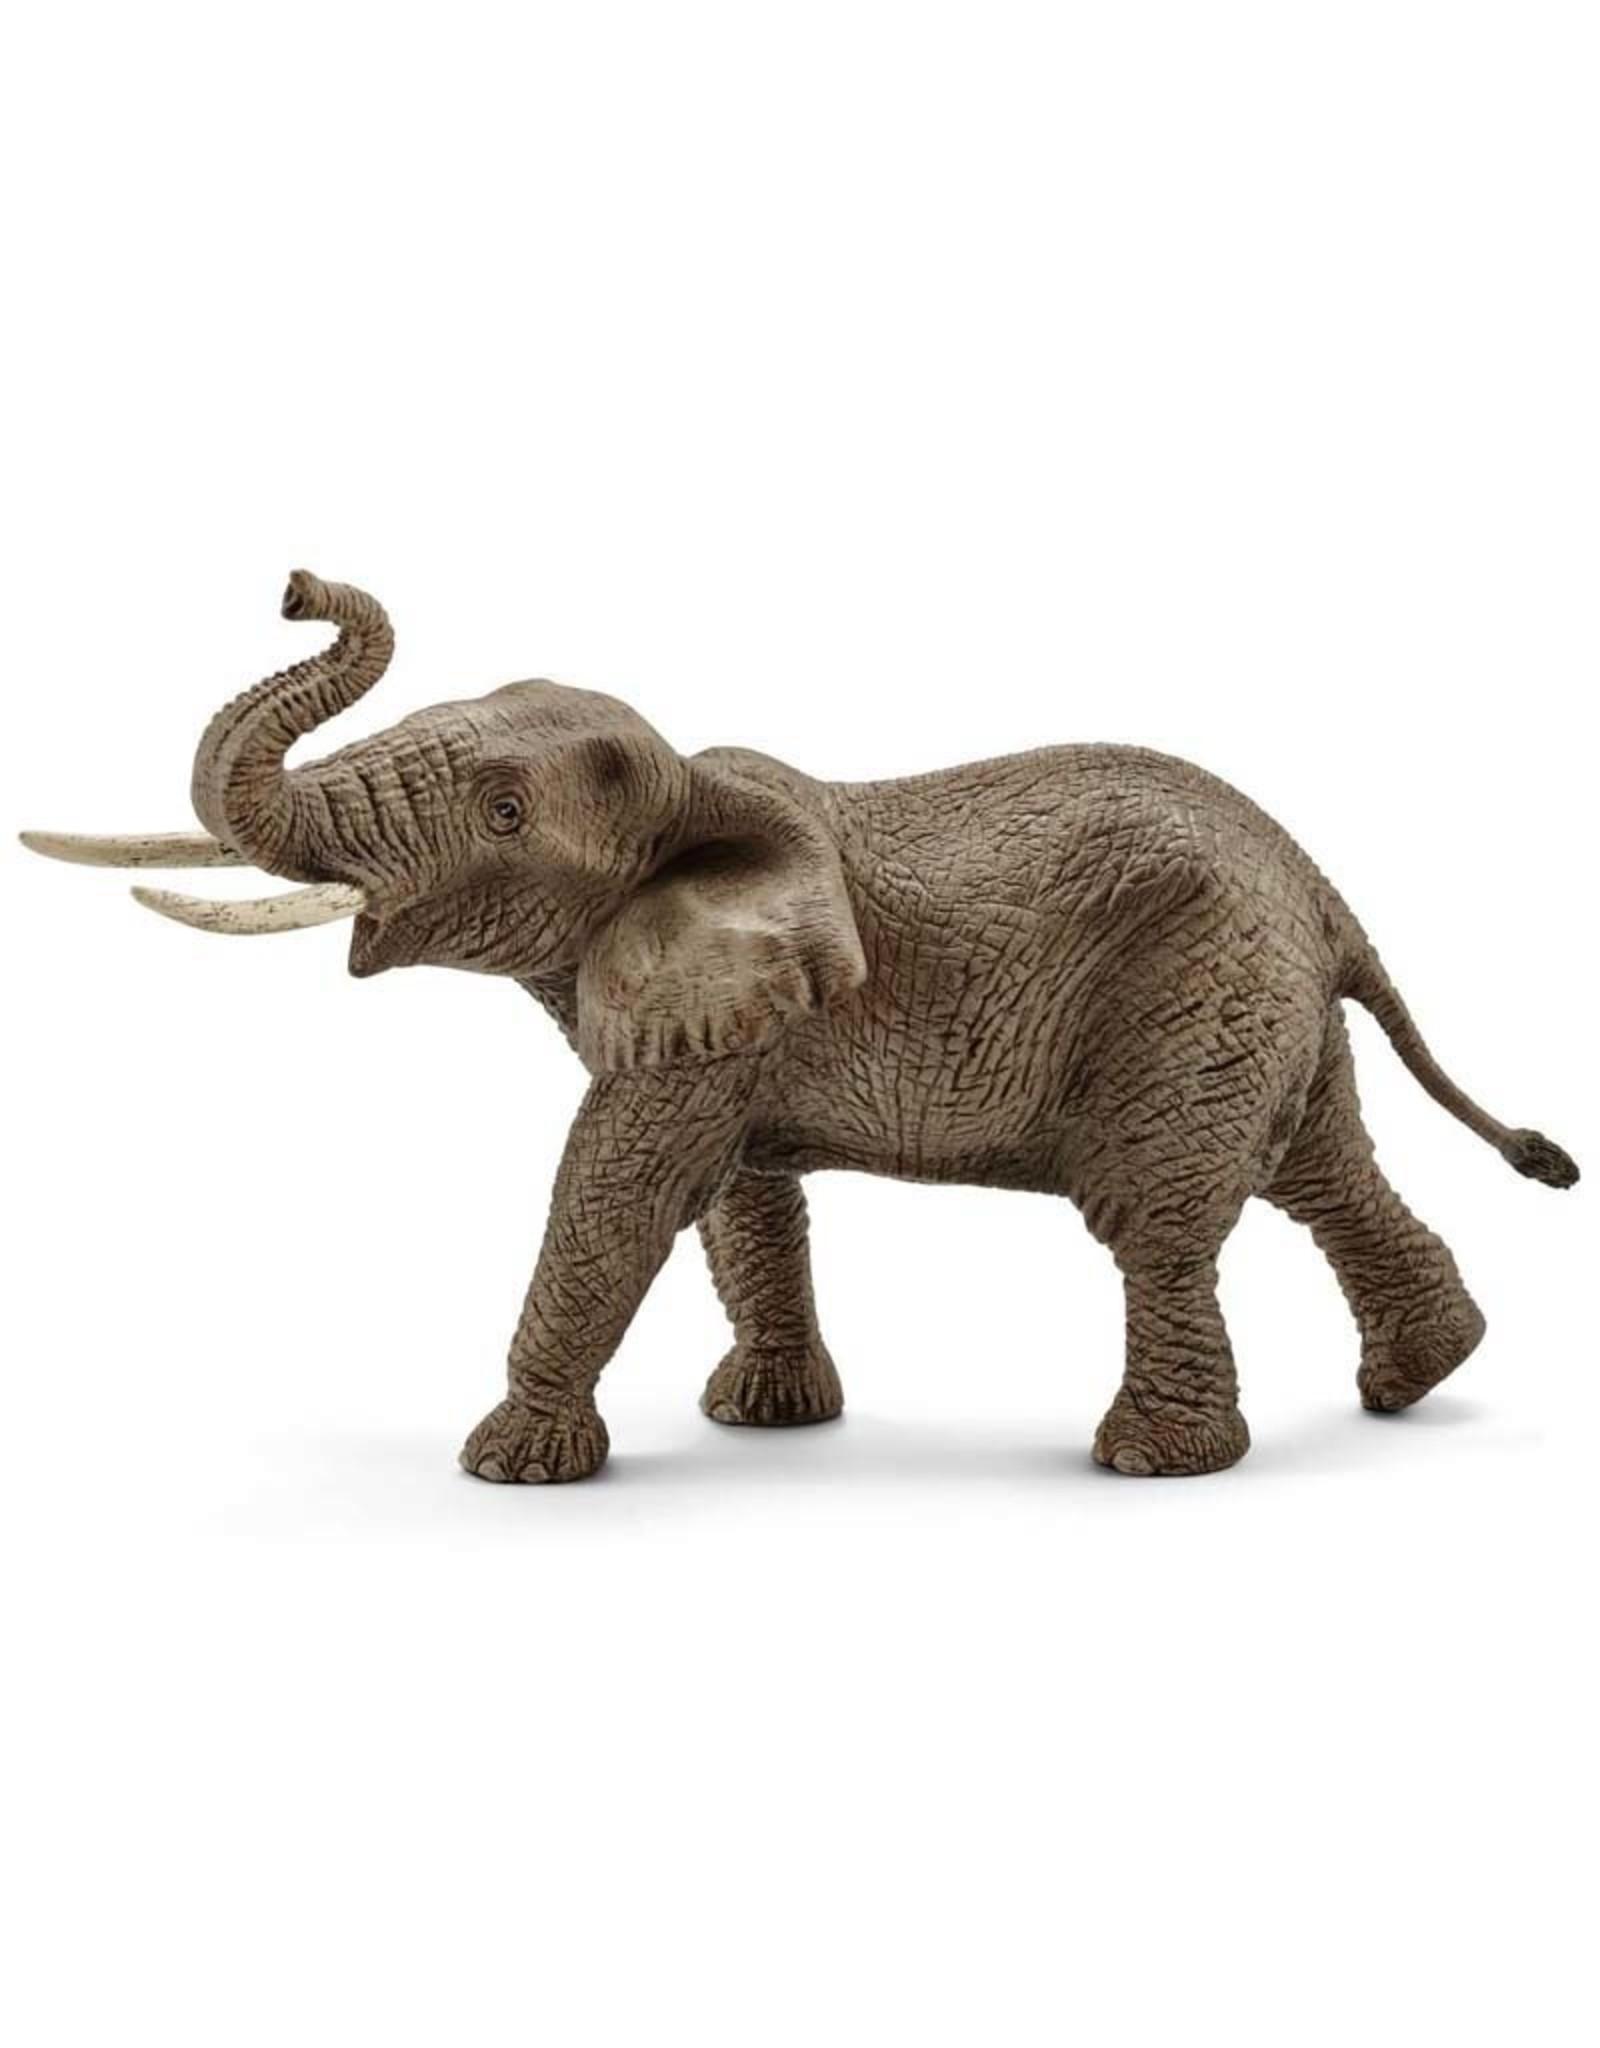 Schleich Schleich African elephant, male